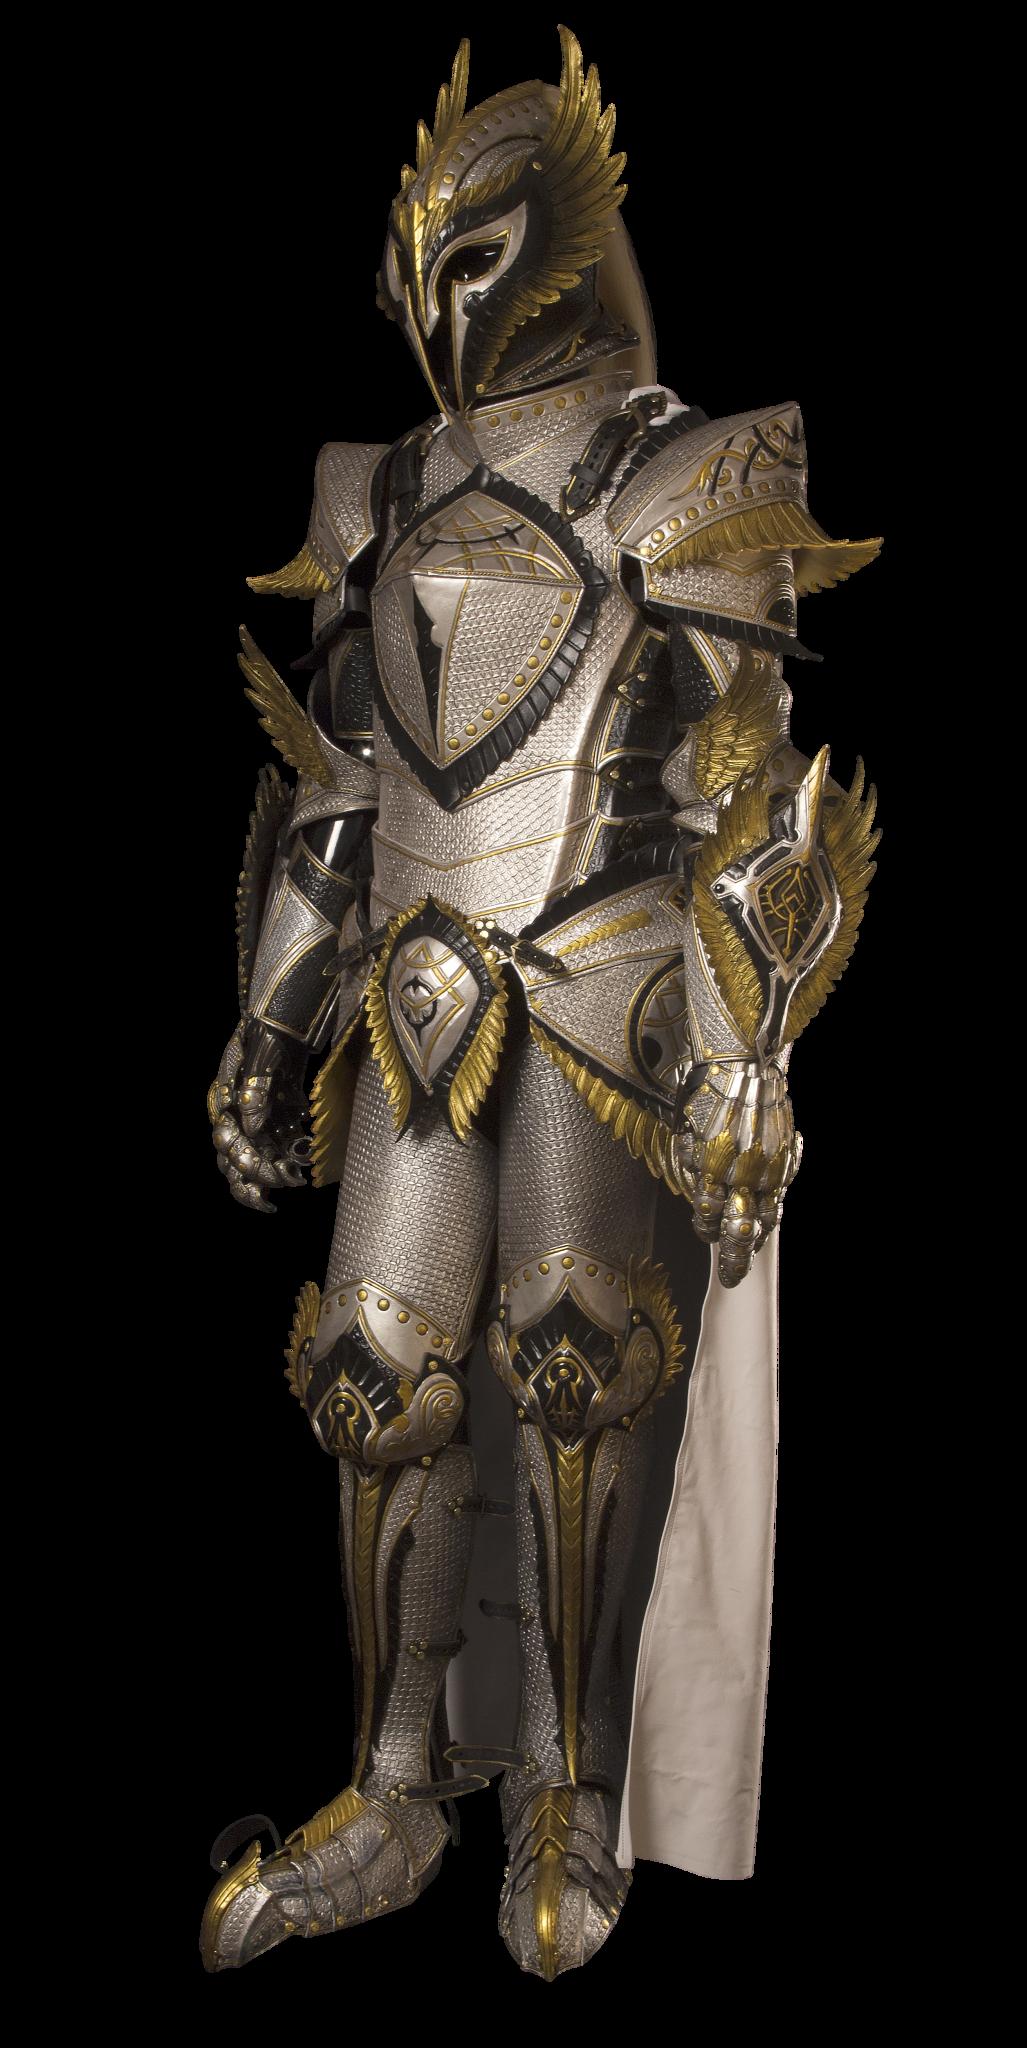 Gallery - Warlock Armor - Prince Armory